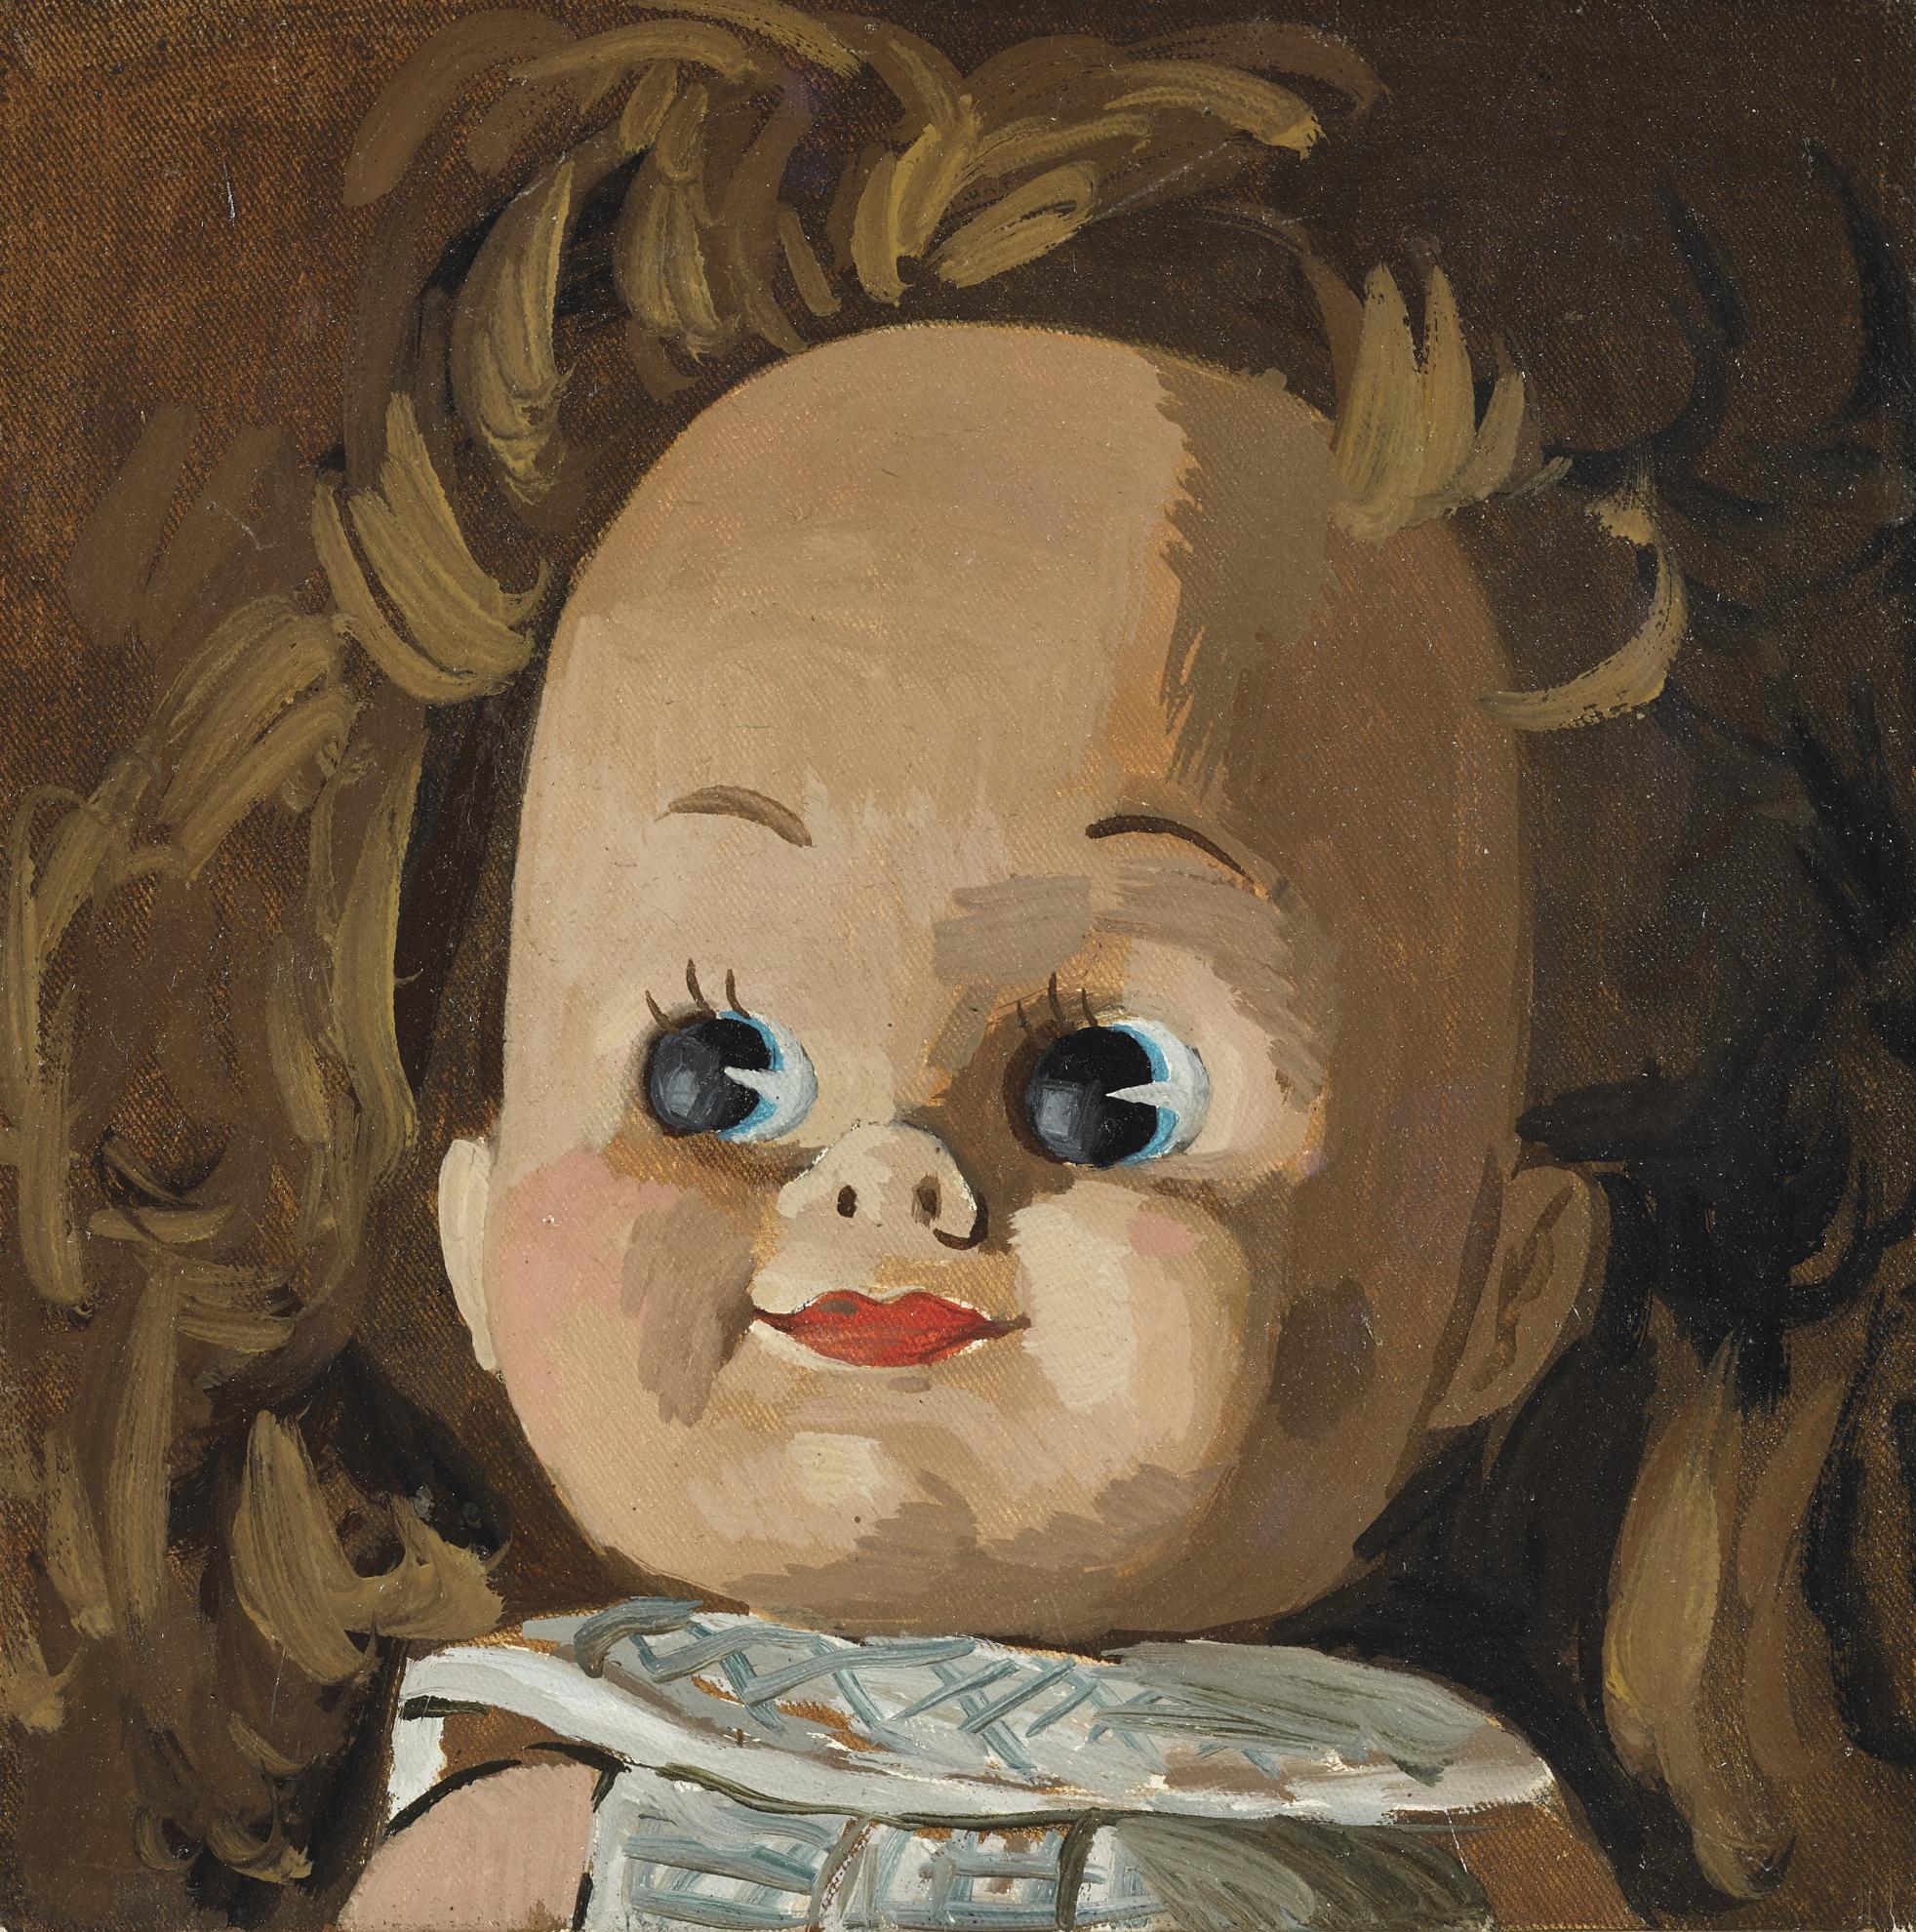 Liu Ye-Doll-1991